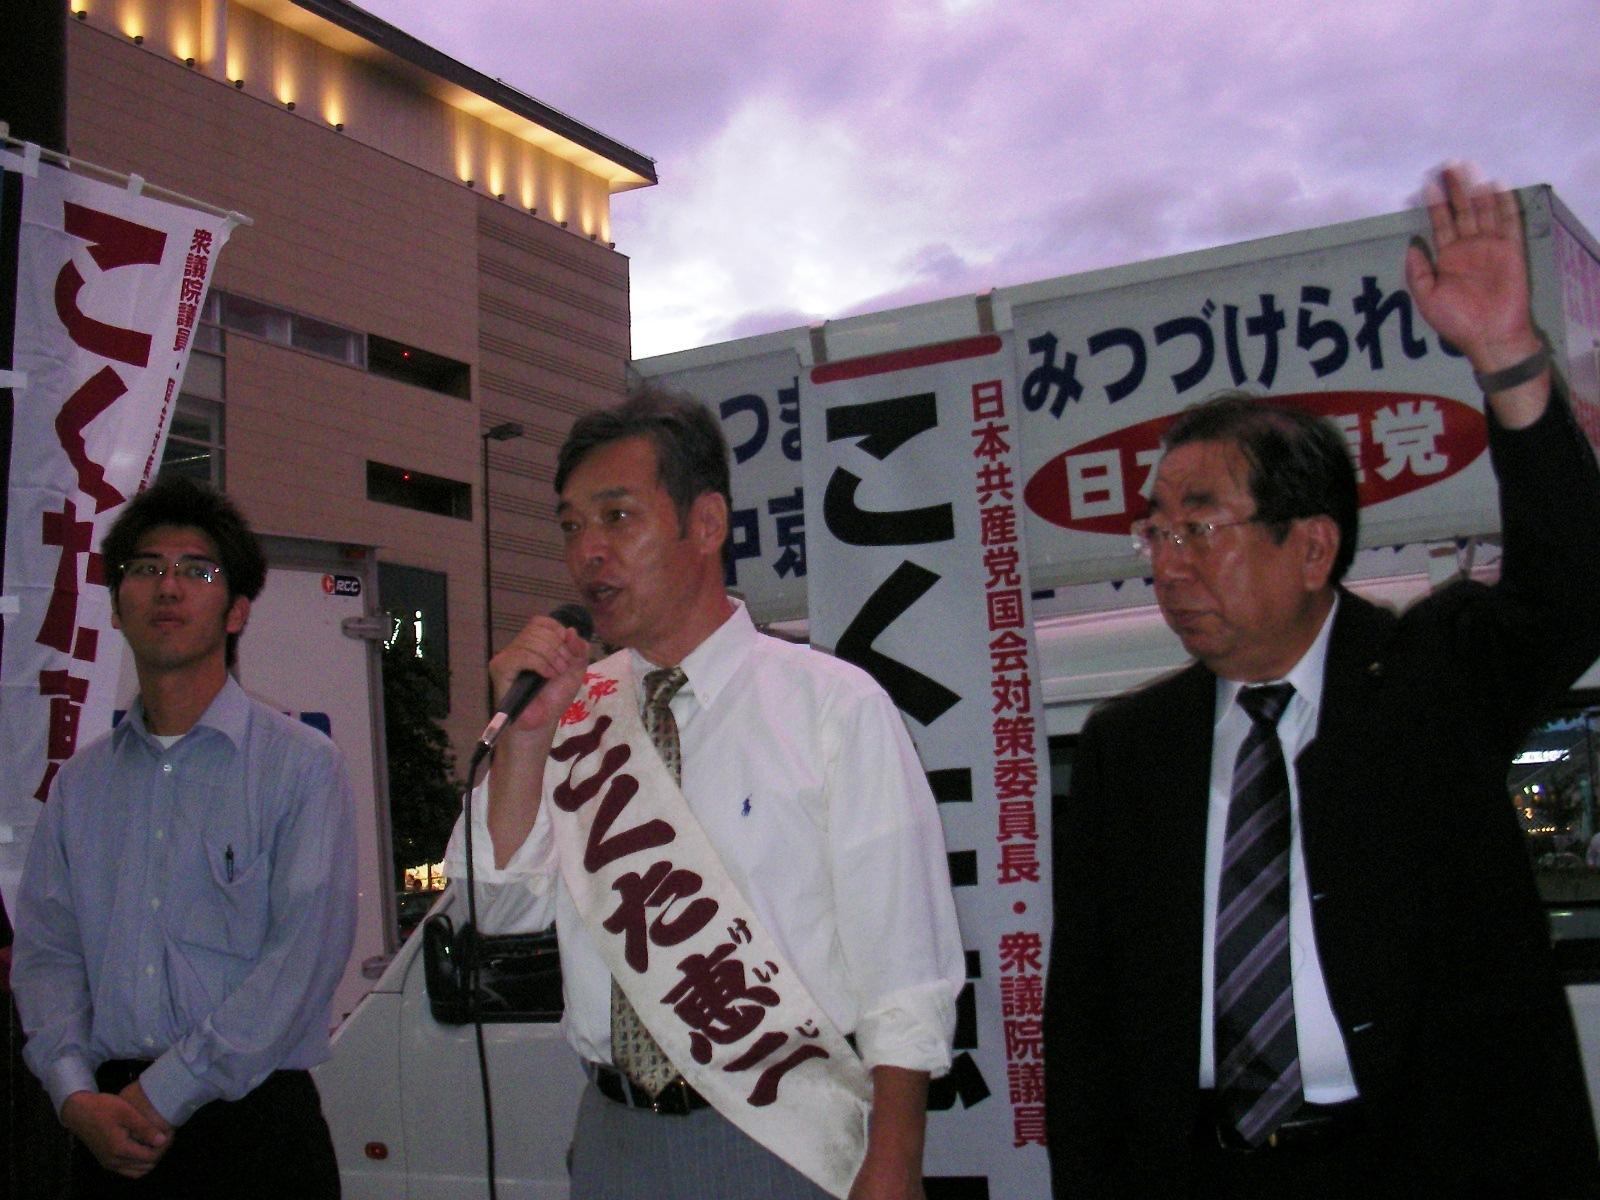 京都一区「必勝」街頭演説